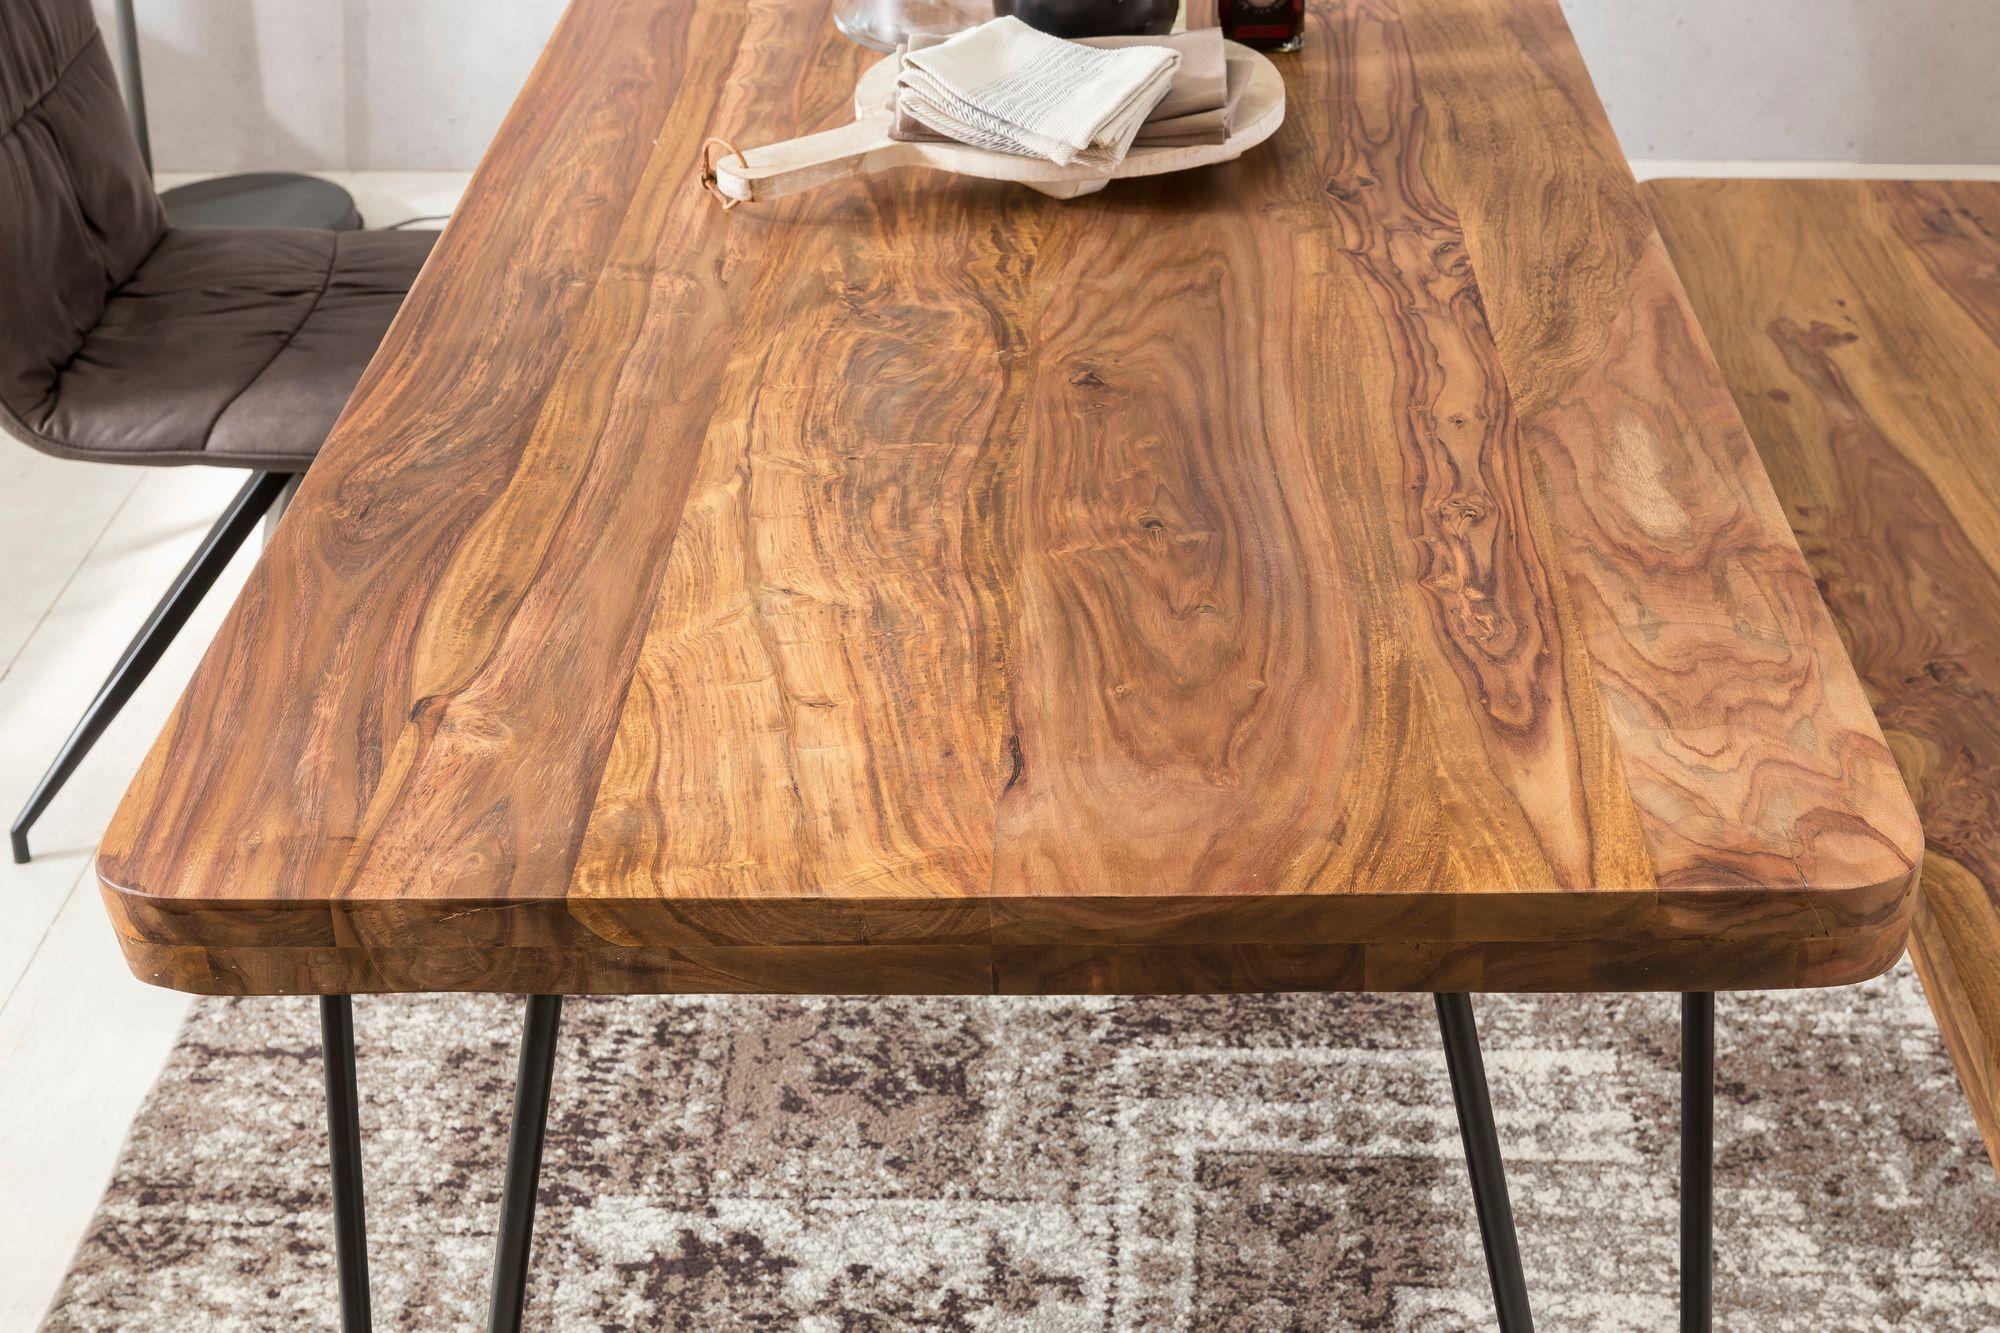 Beeindruckend Tisch Esszimmer Das Beste Von Massiver Esstisch Harlem Sheesham Massiv Holz |